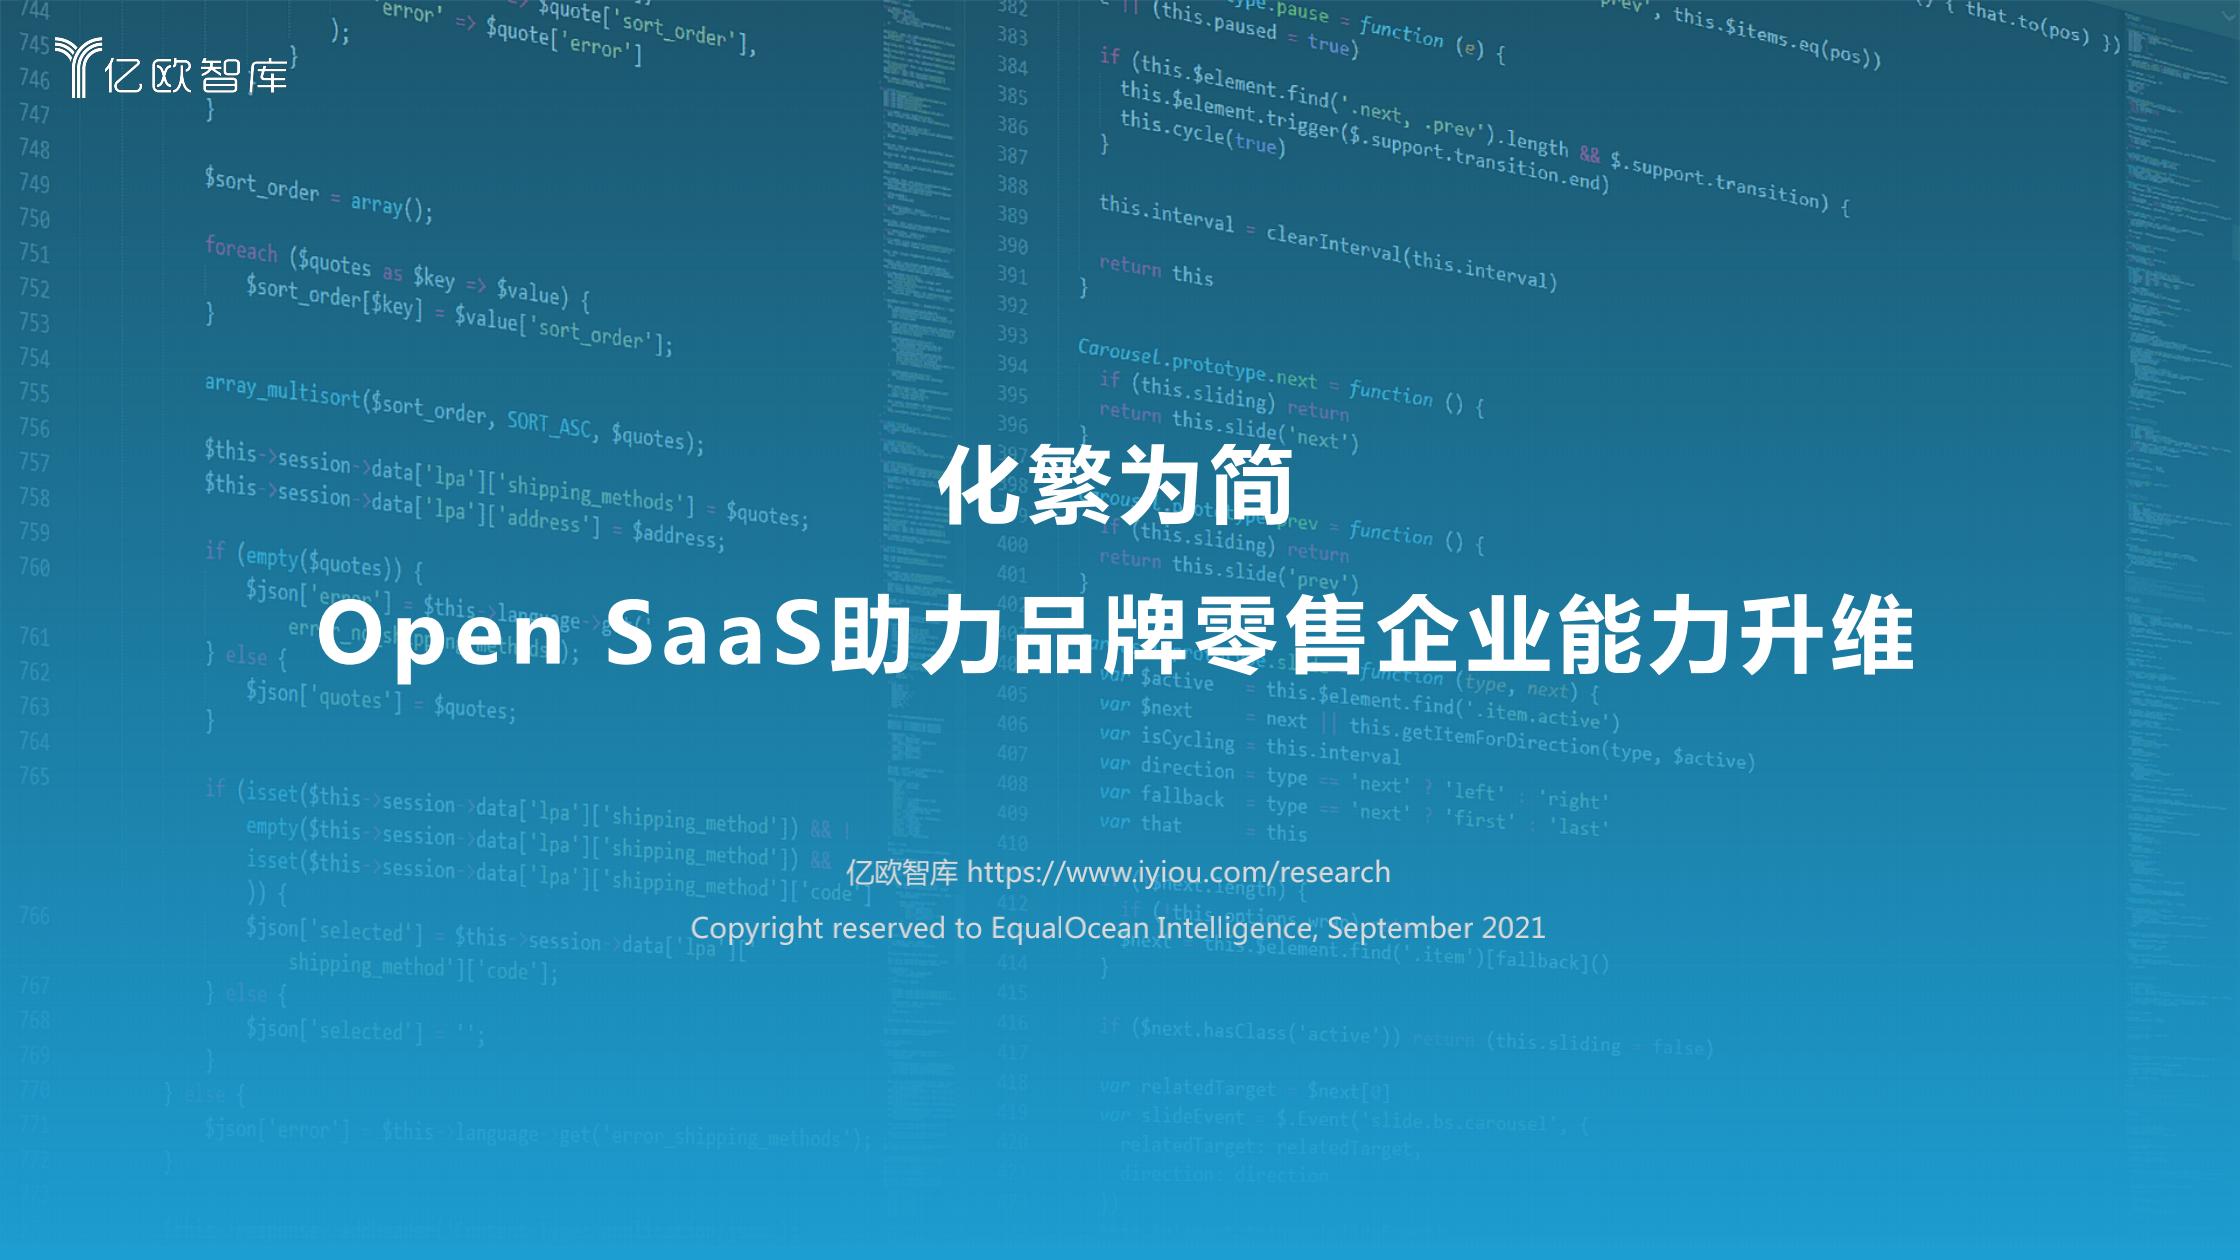 授人以渔,商派以Open SaaS加速零售企业数字化转型